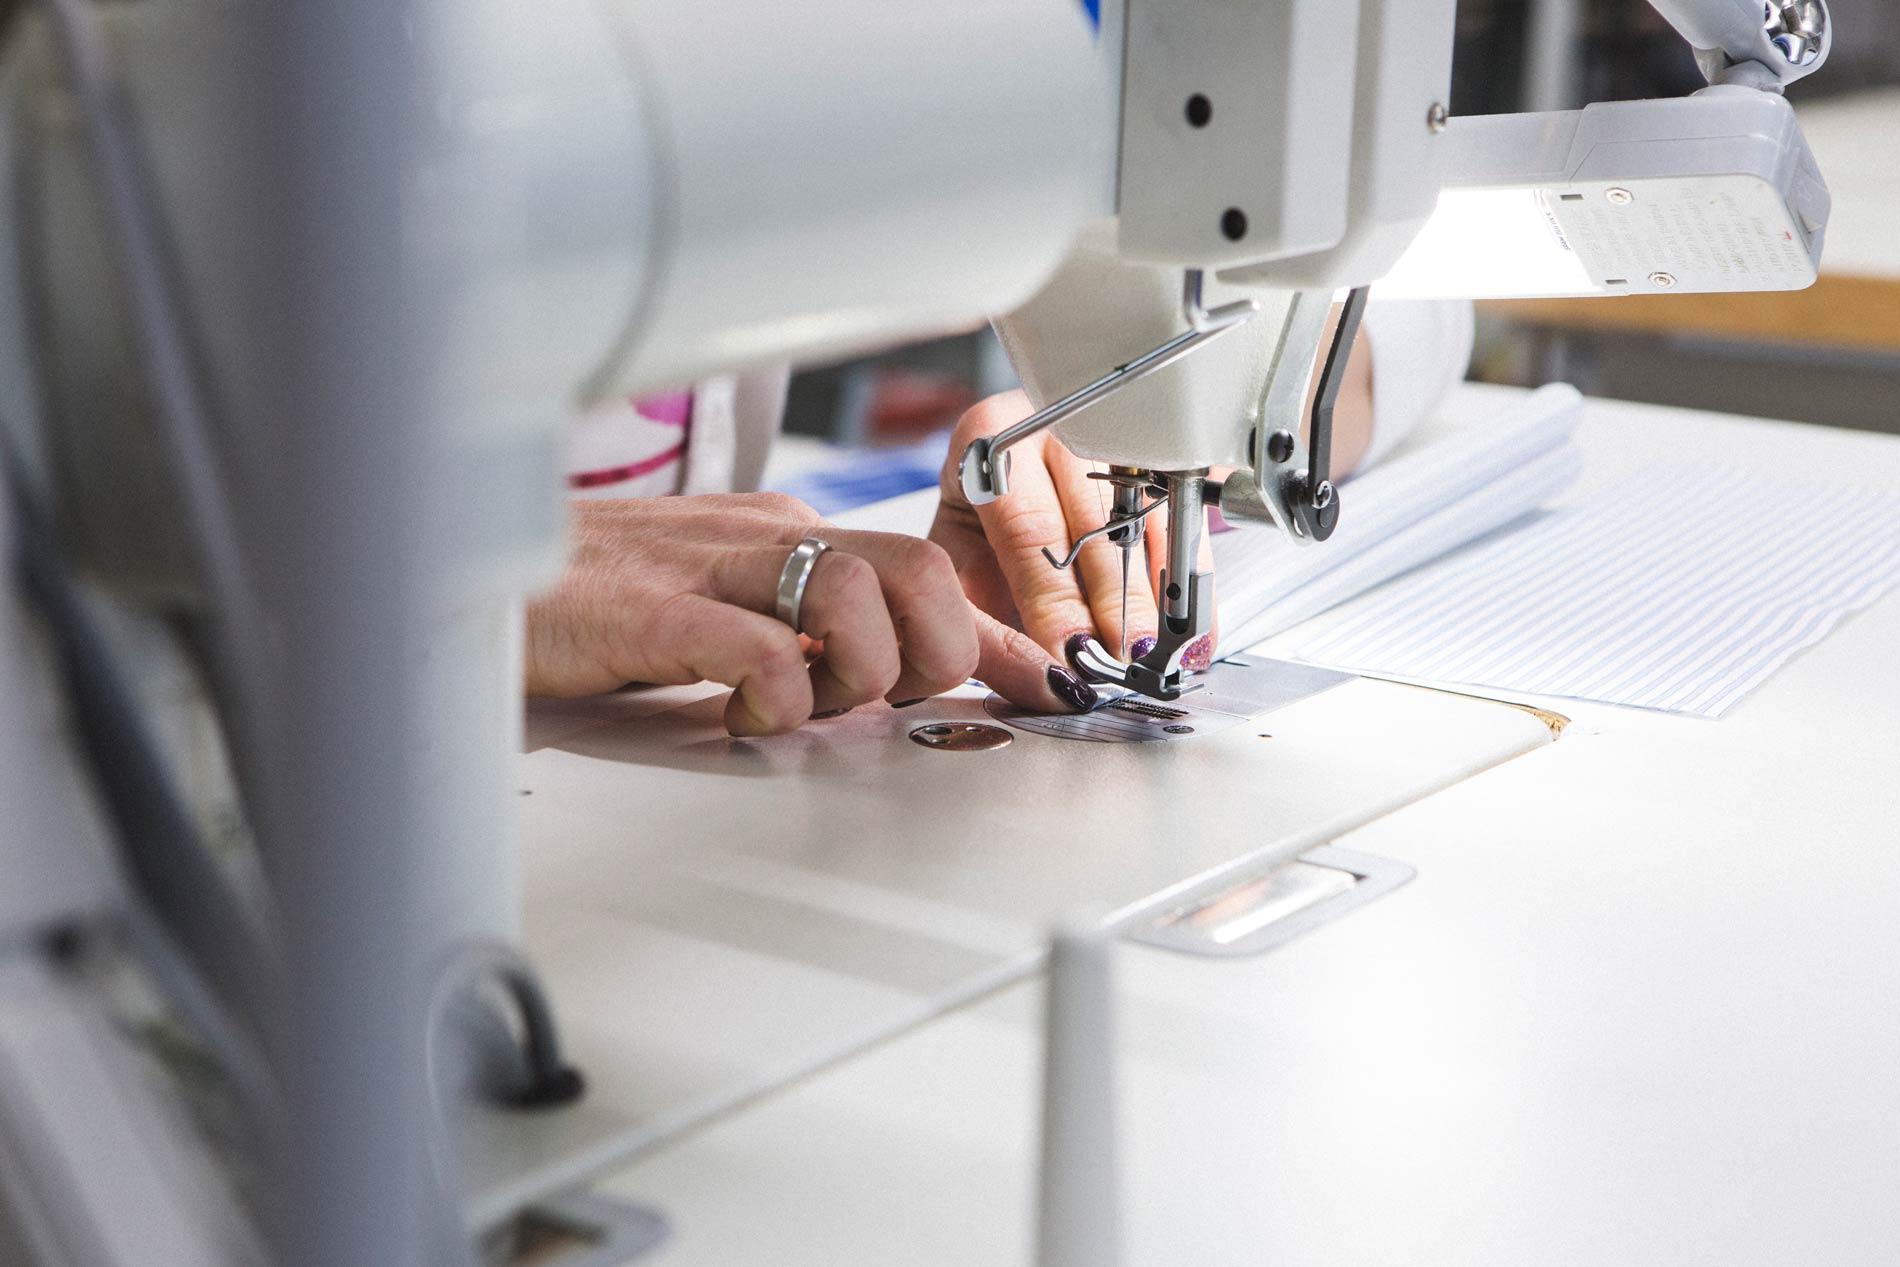 dgl-srl-sartoria-produzione-abbigliamento-cura-dettagli